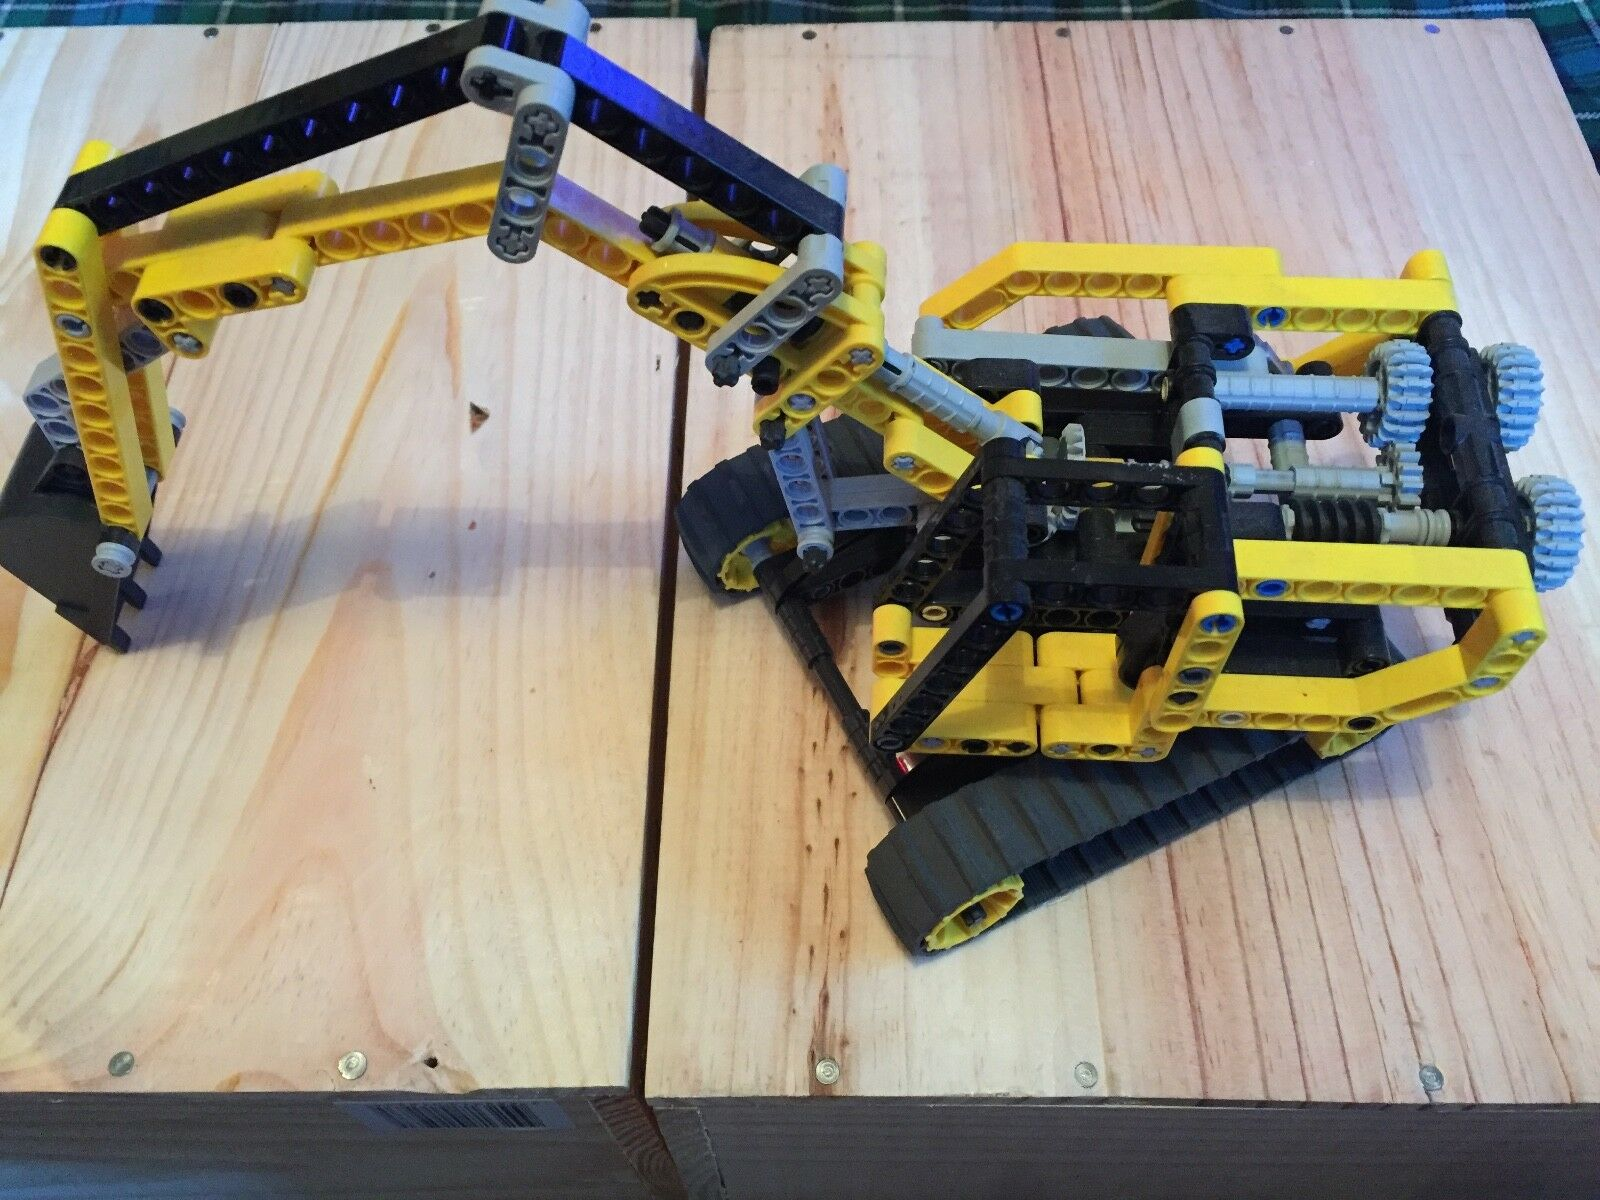 Lego Technic 8419 8419 8419 pelleteuse pelle mécanique sans boite ni notice très bon état dea10d